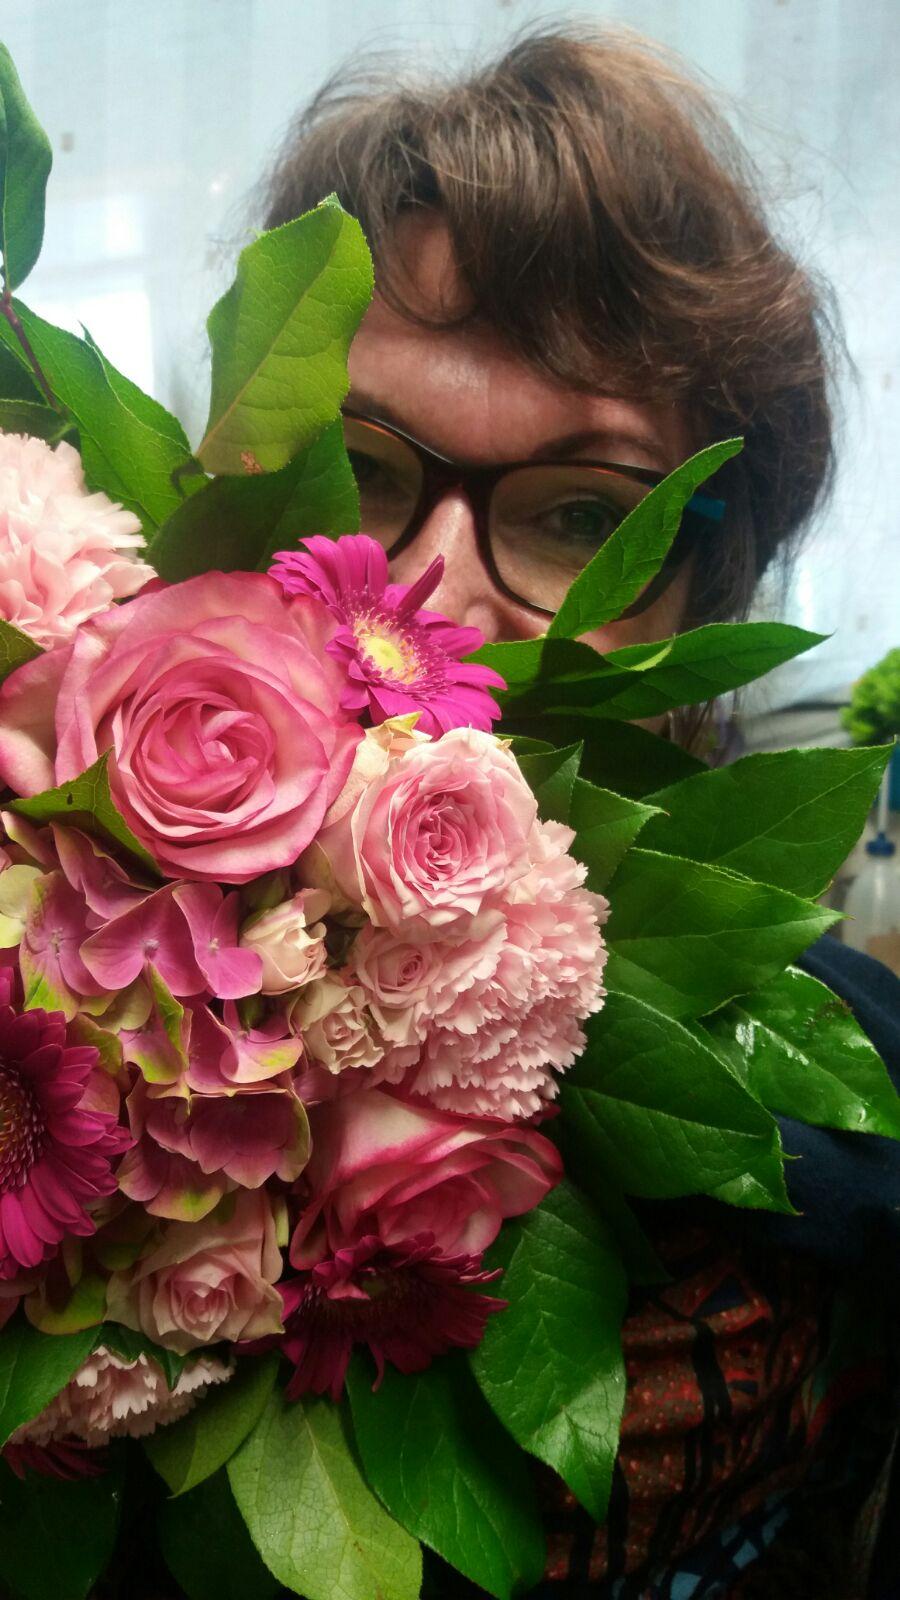 omgeving – hilde achter de bloemen